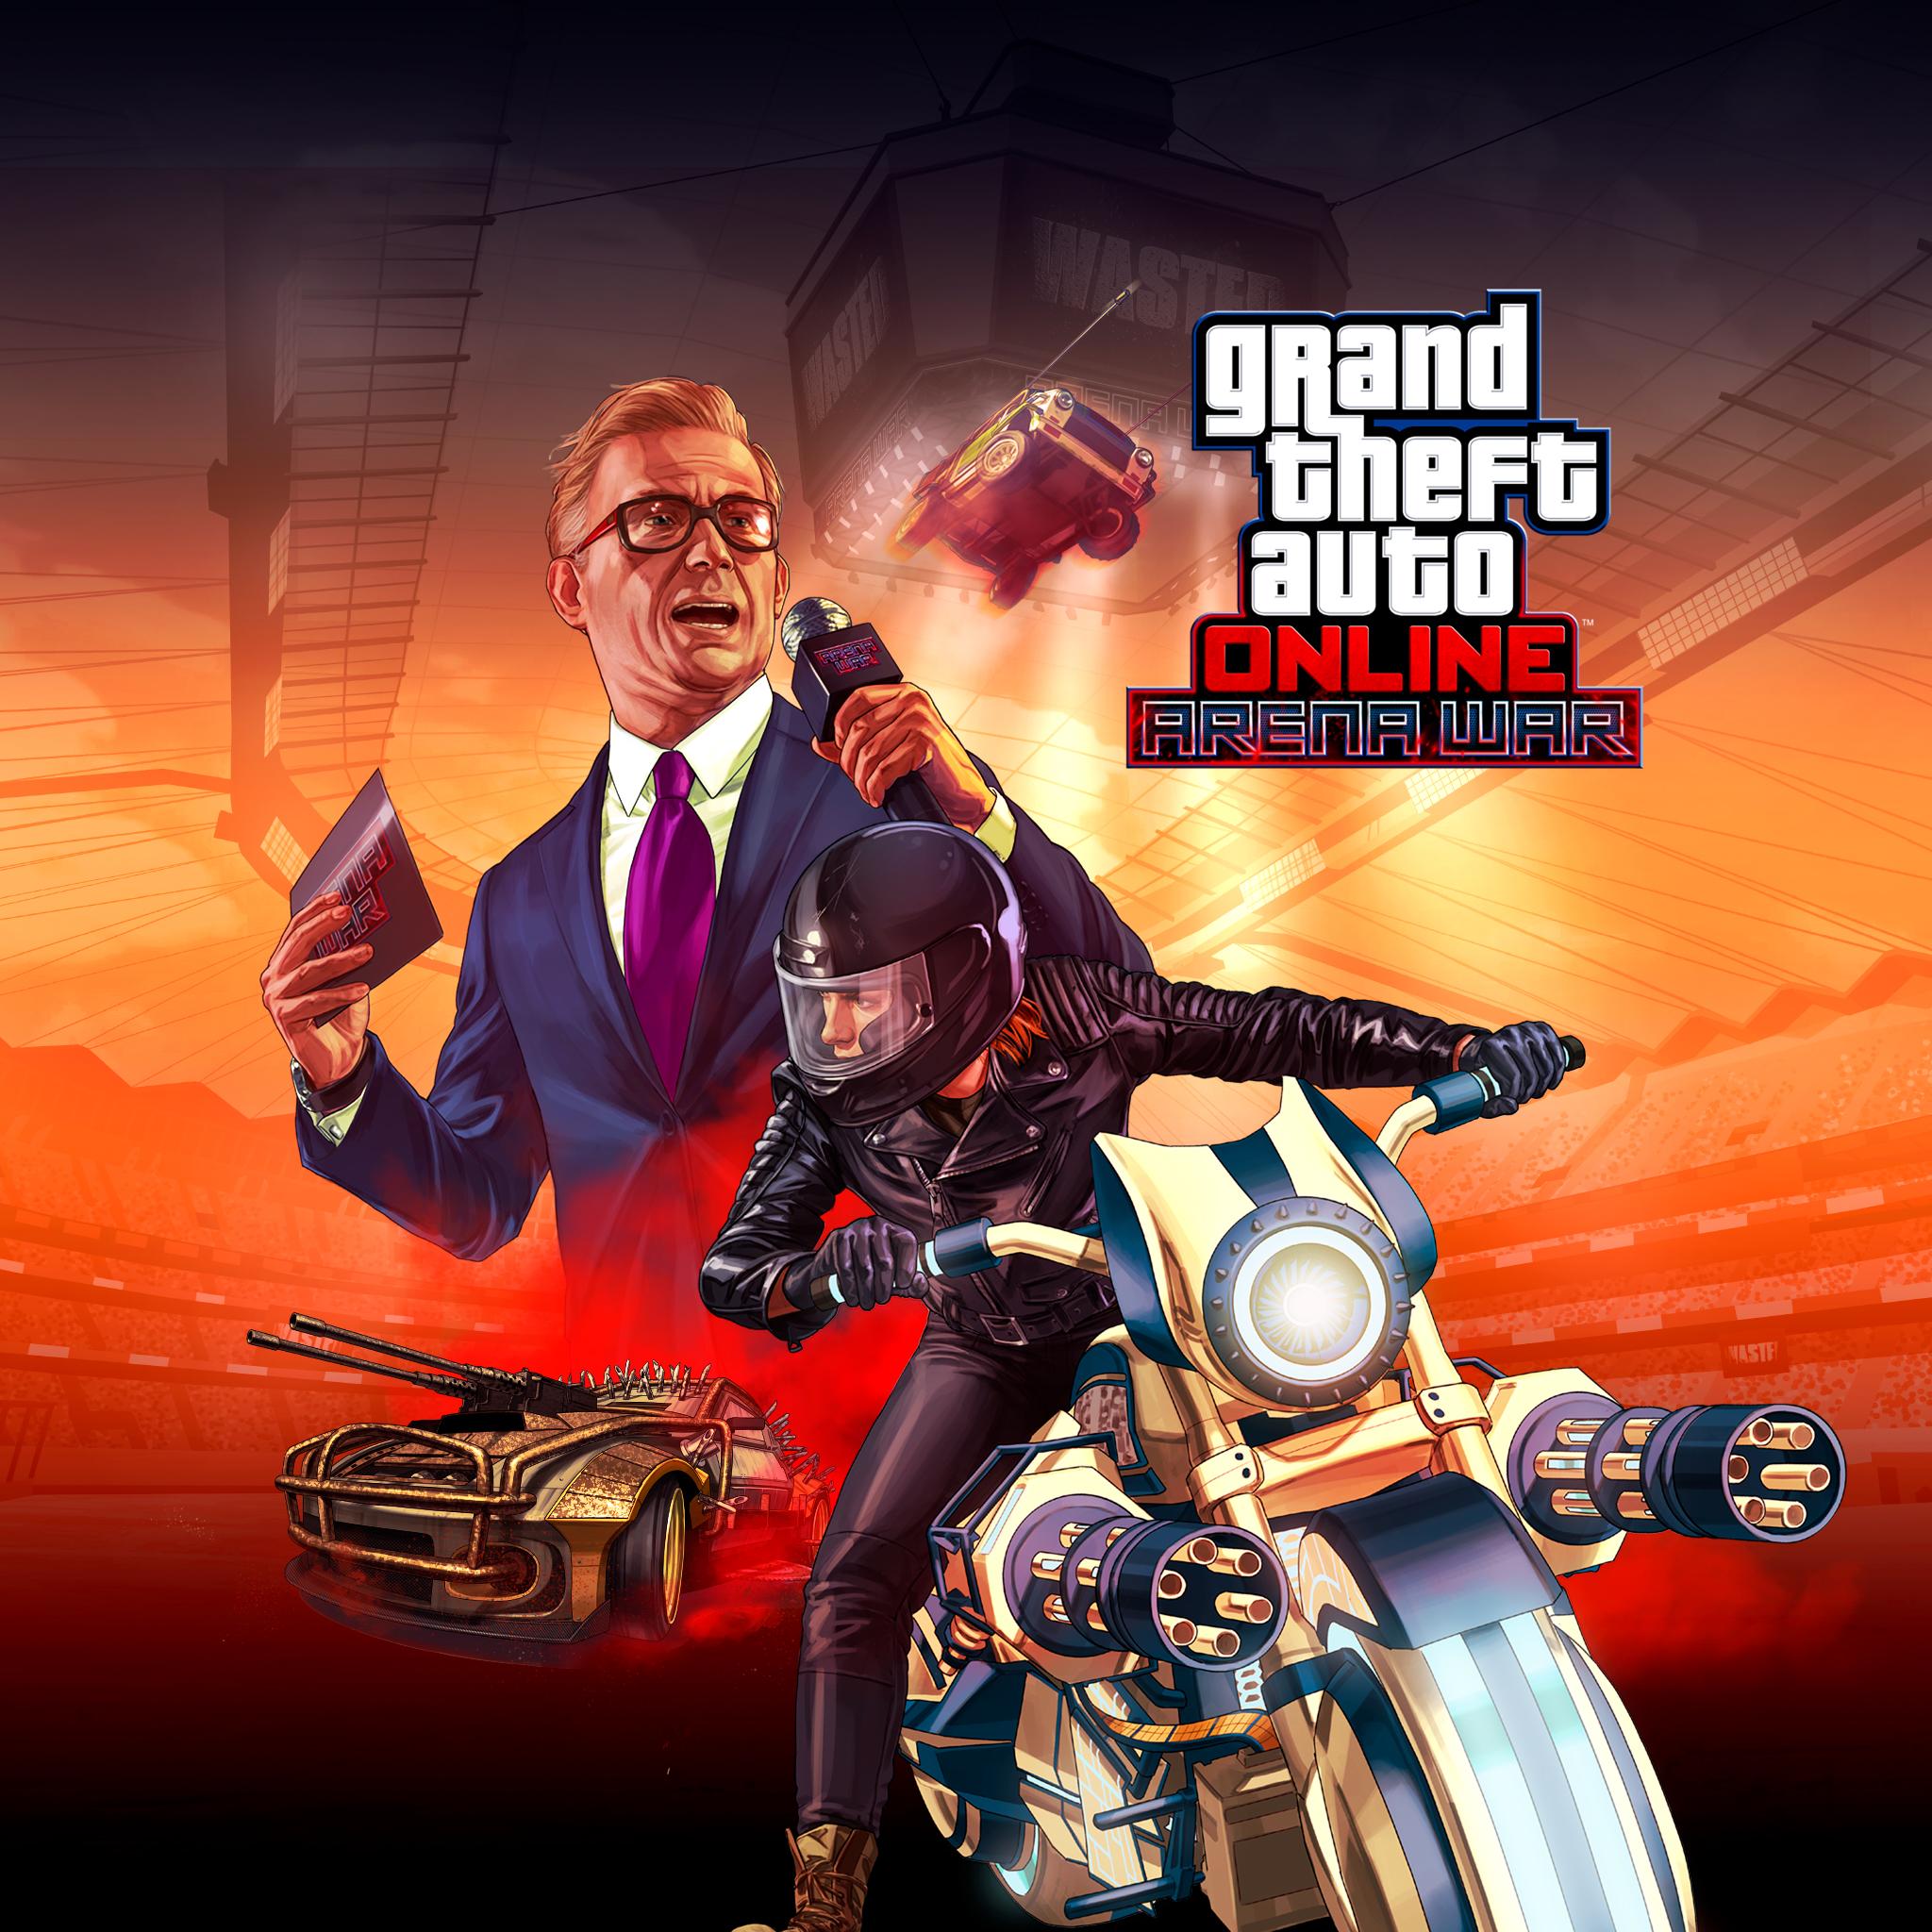 Descargas Rockstar Games